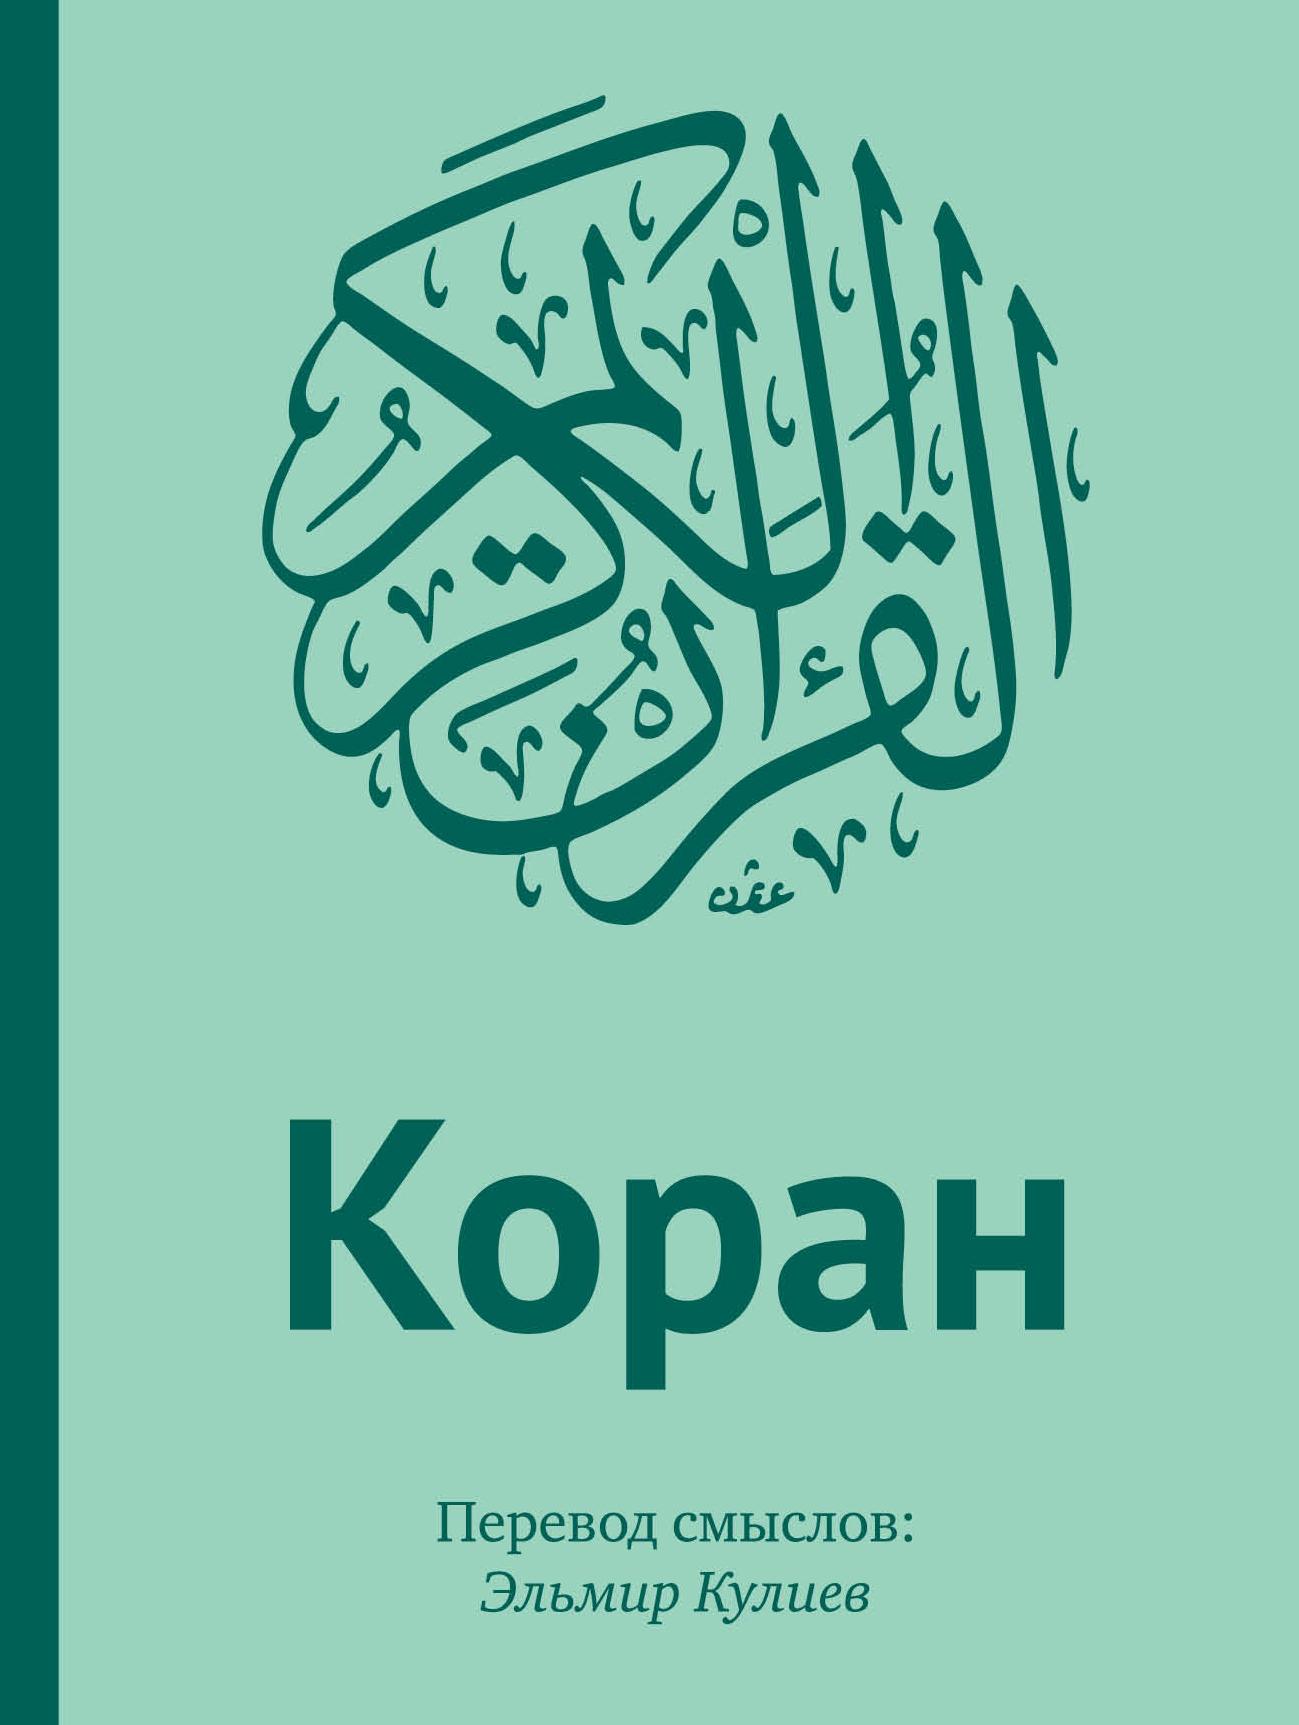 Коран: Перевод смыслов (подарочный ПВХ+коробка+дощечка)